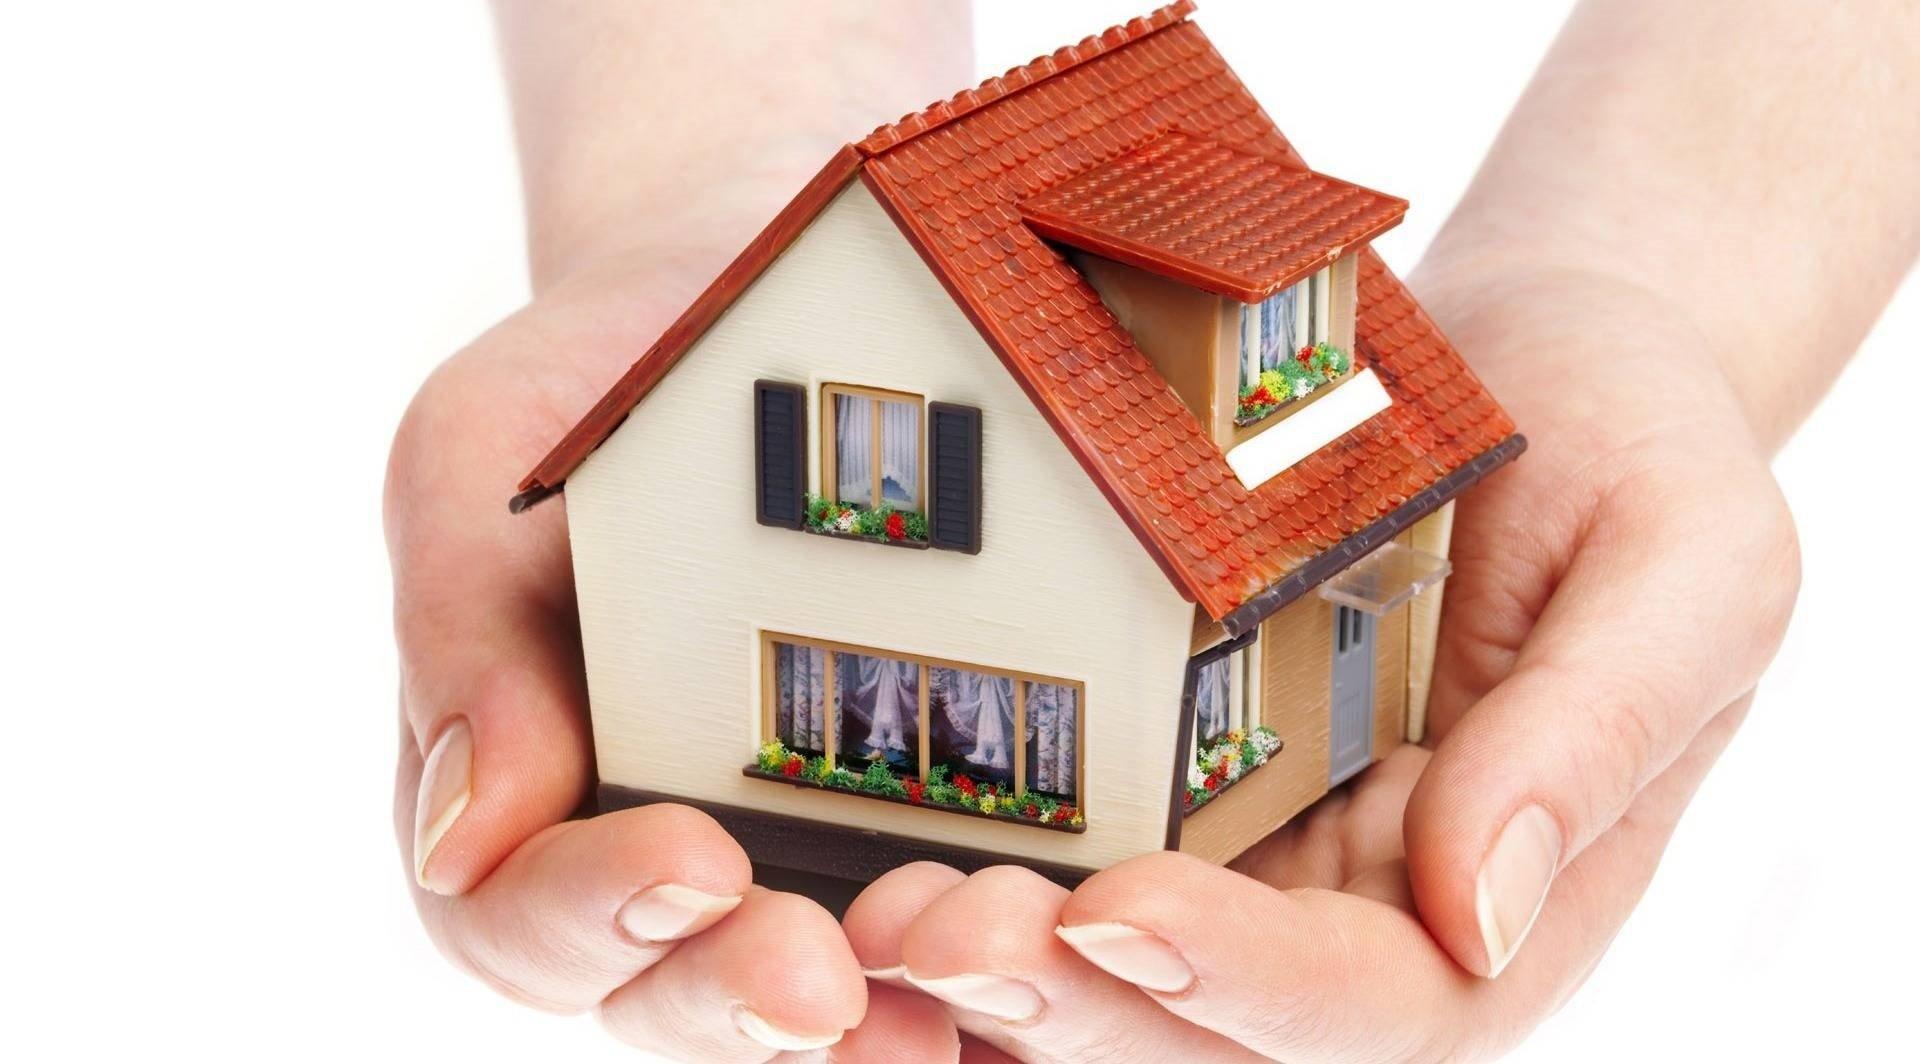 Алгоритм приобретения недвижимости в Тае, а также о том, как заработать на подобной операции